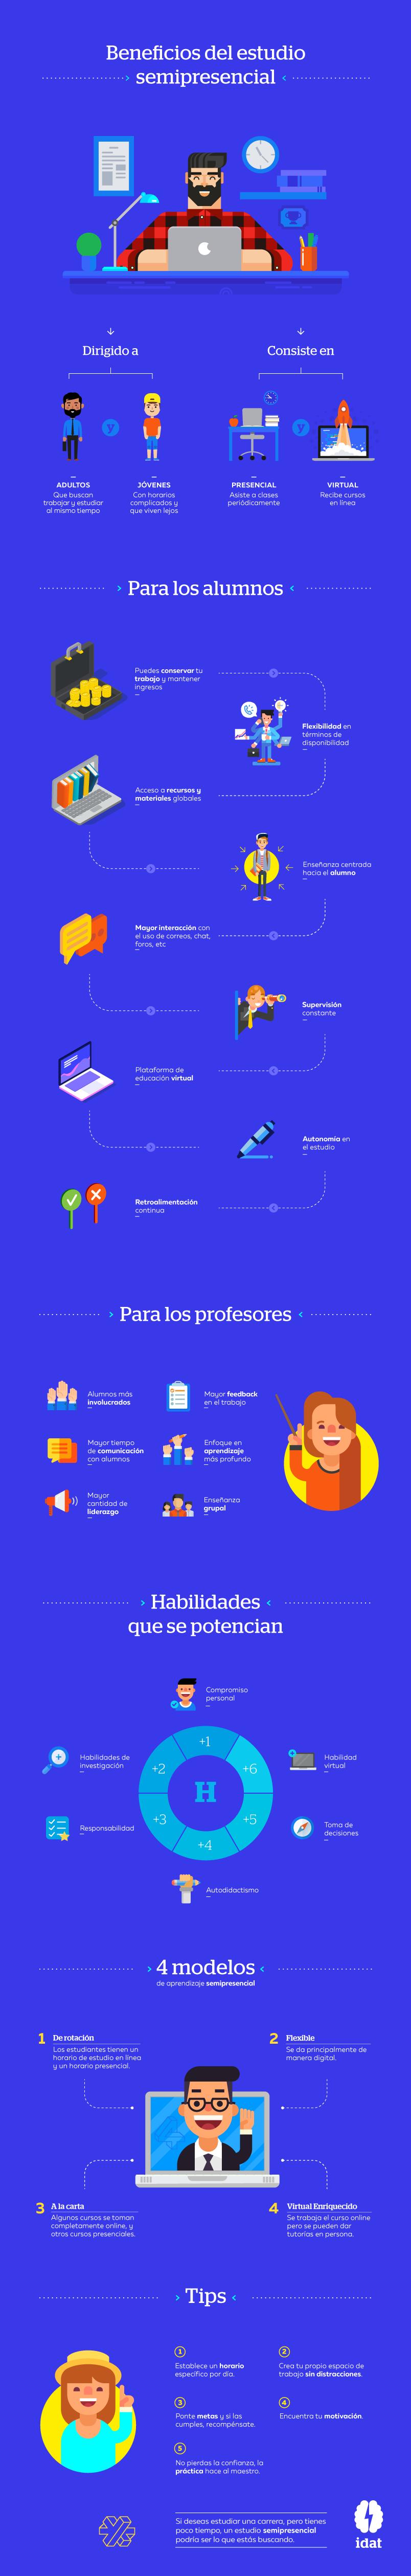 Infografía - Beneficios del estudio semipresencial